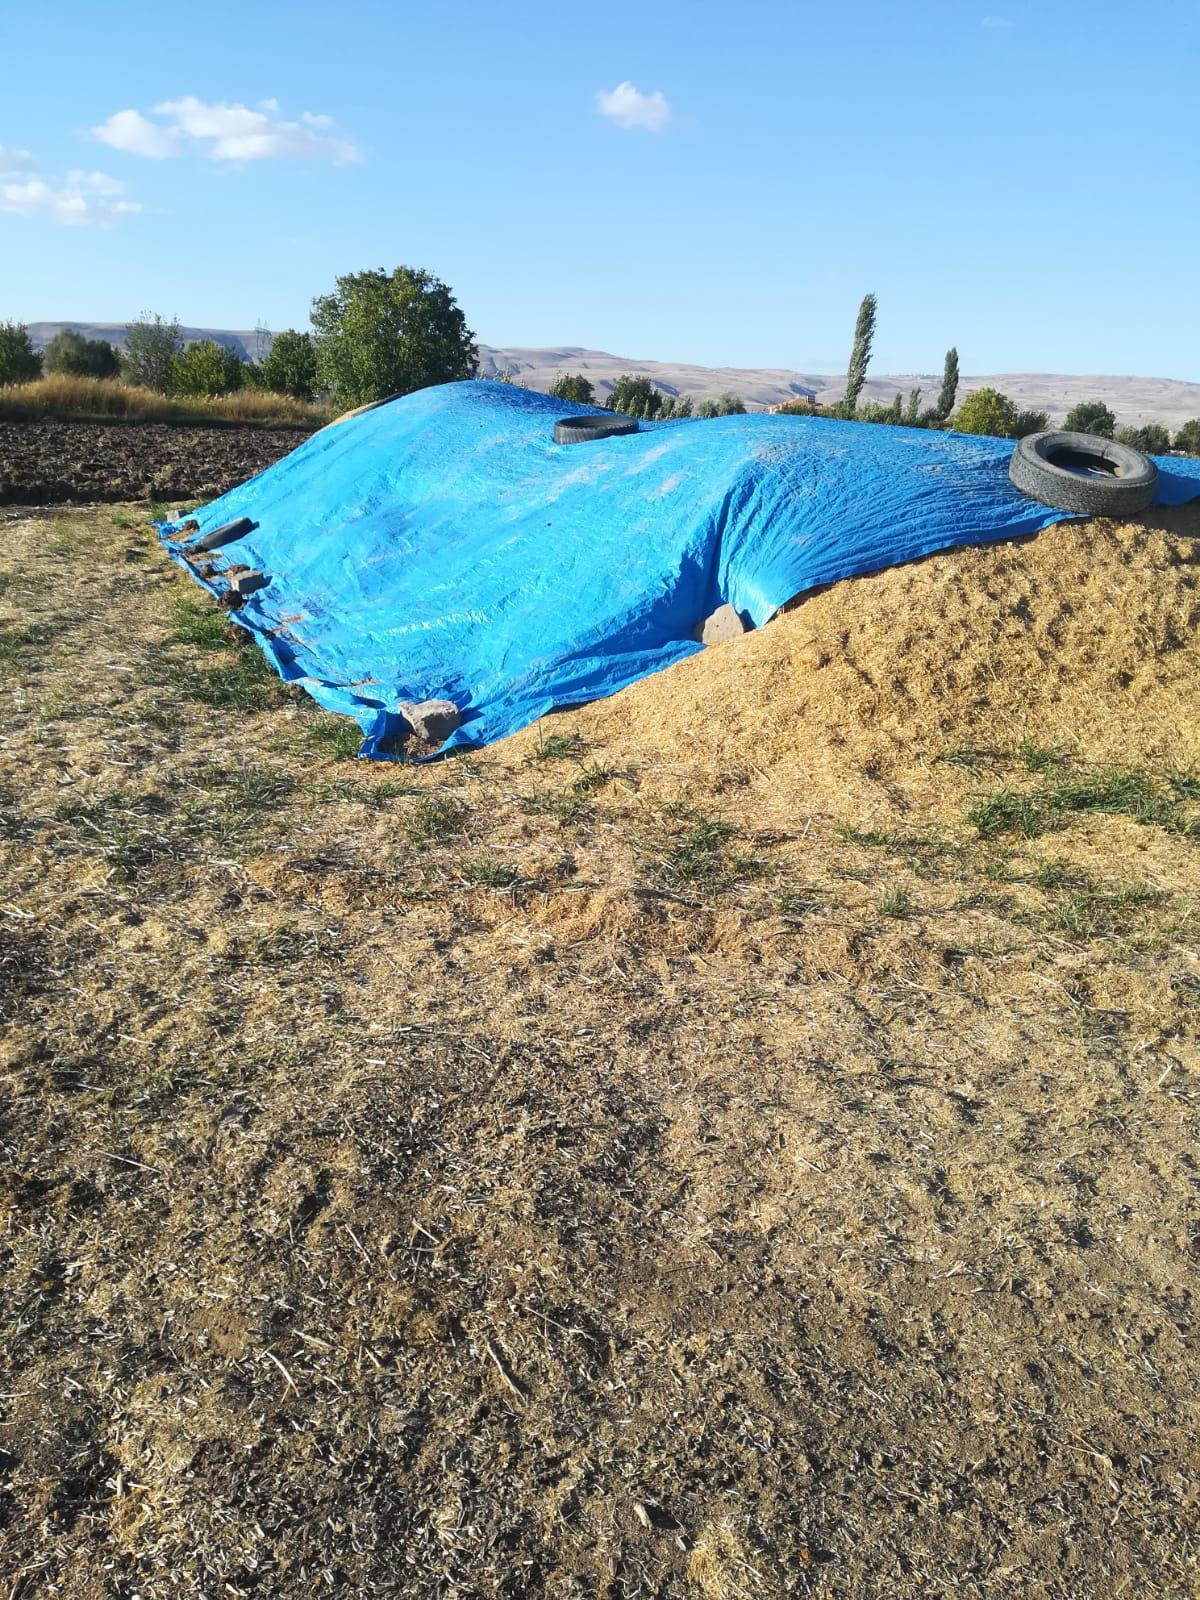 Buğday samanı - Üretici Enes Korkmaz 700 tl fiyat ile 15 kilogram buğday samanı  satmak istiyor